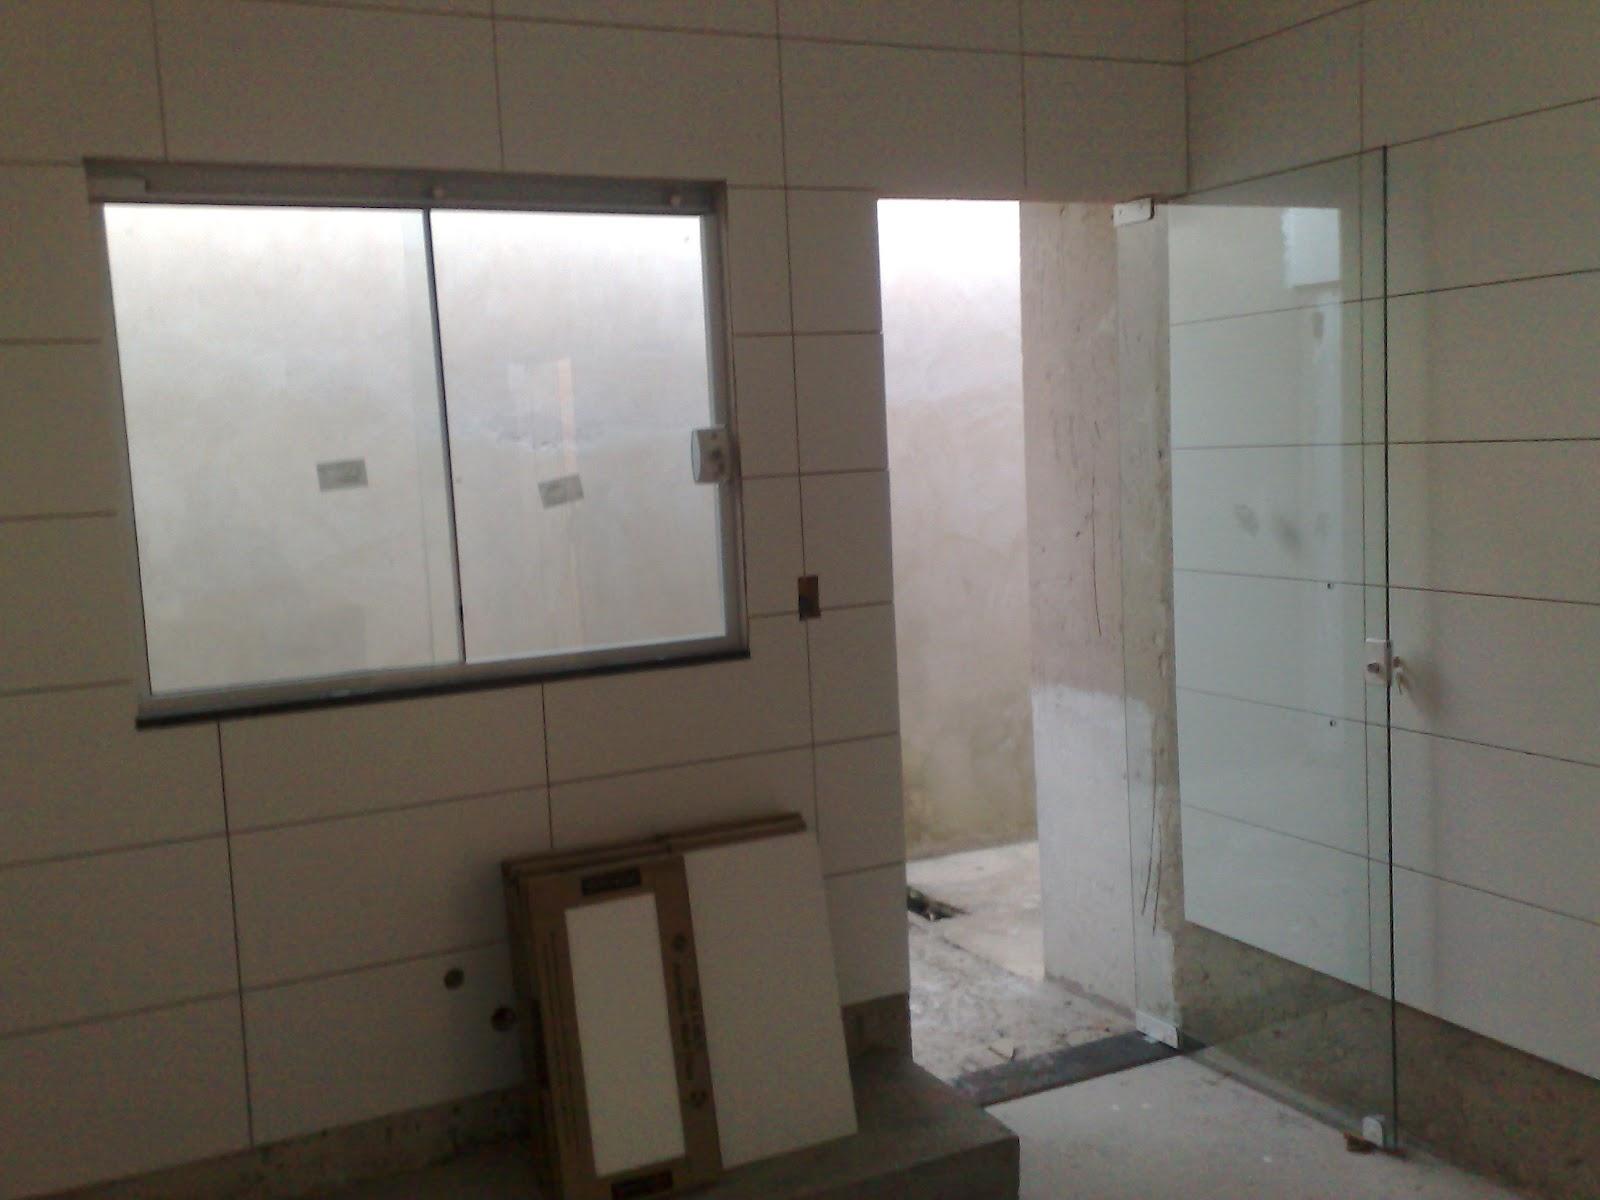 #40382C Passo a passo da construção da minha primeira casa: Maio 2012 42 Janelas De Vidro Cozinha